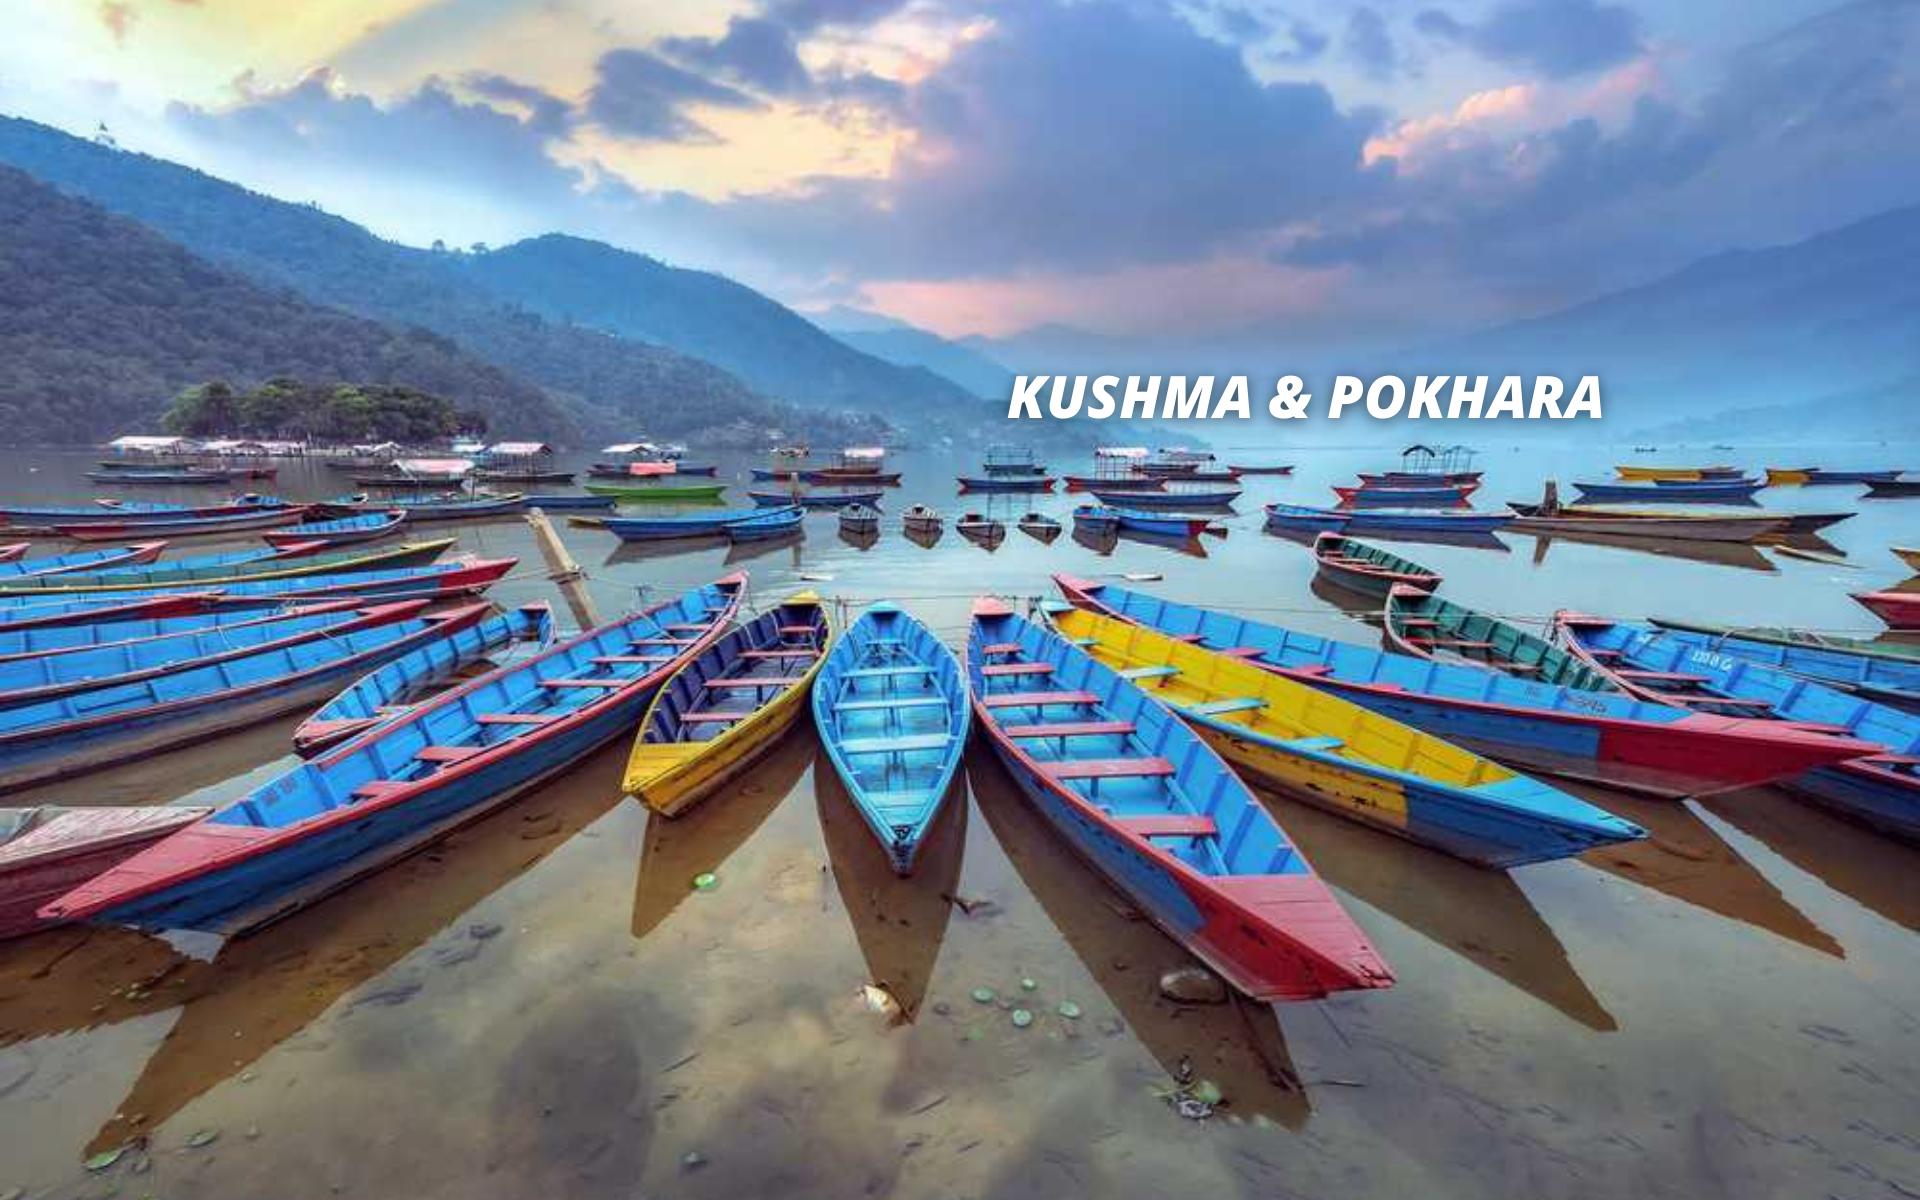 Kushma & Pokhara 04 Days Package